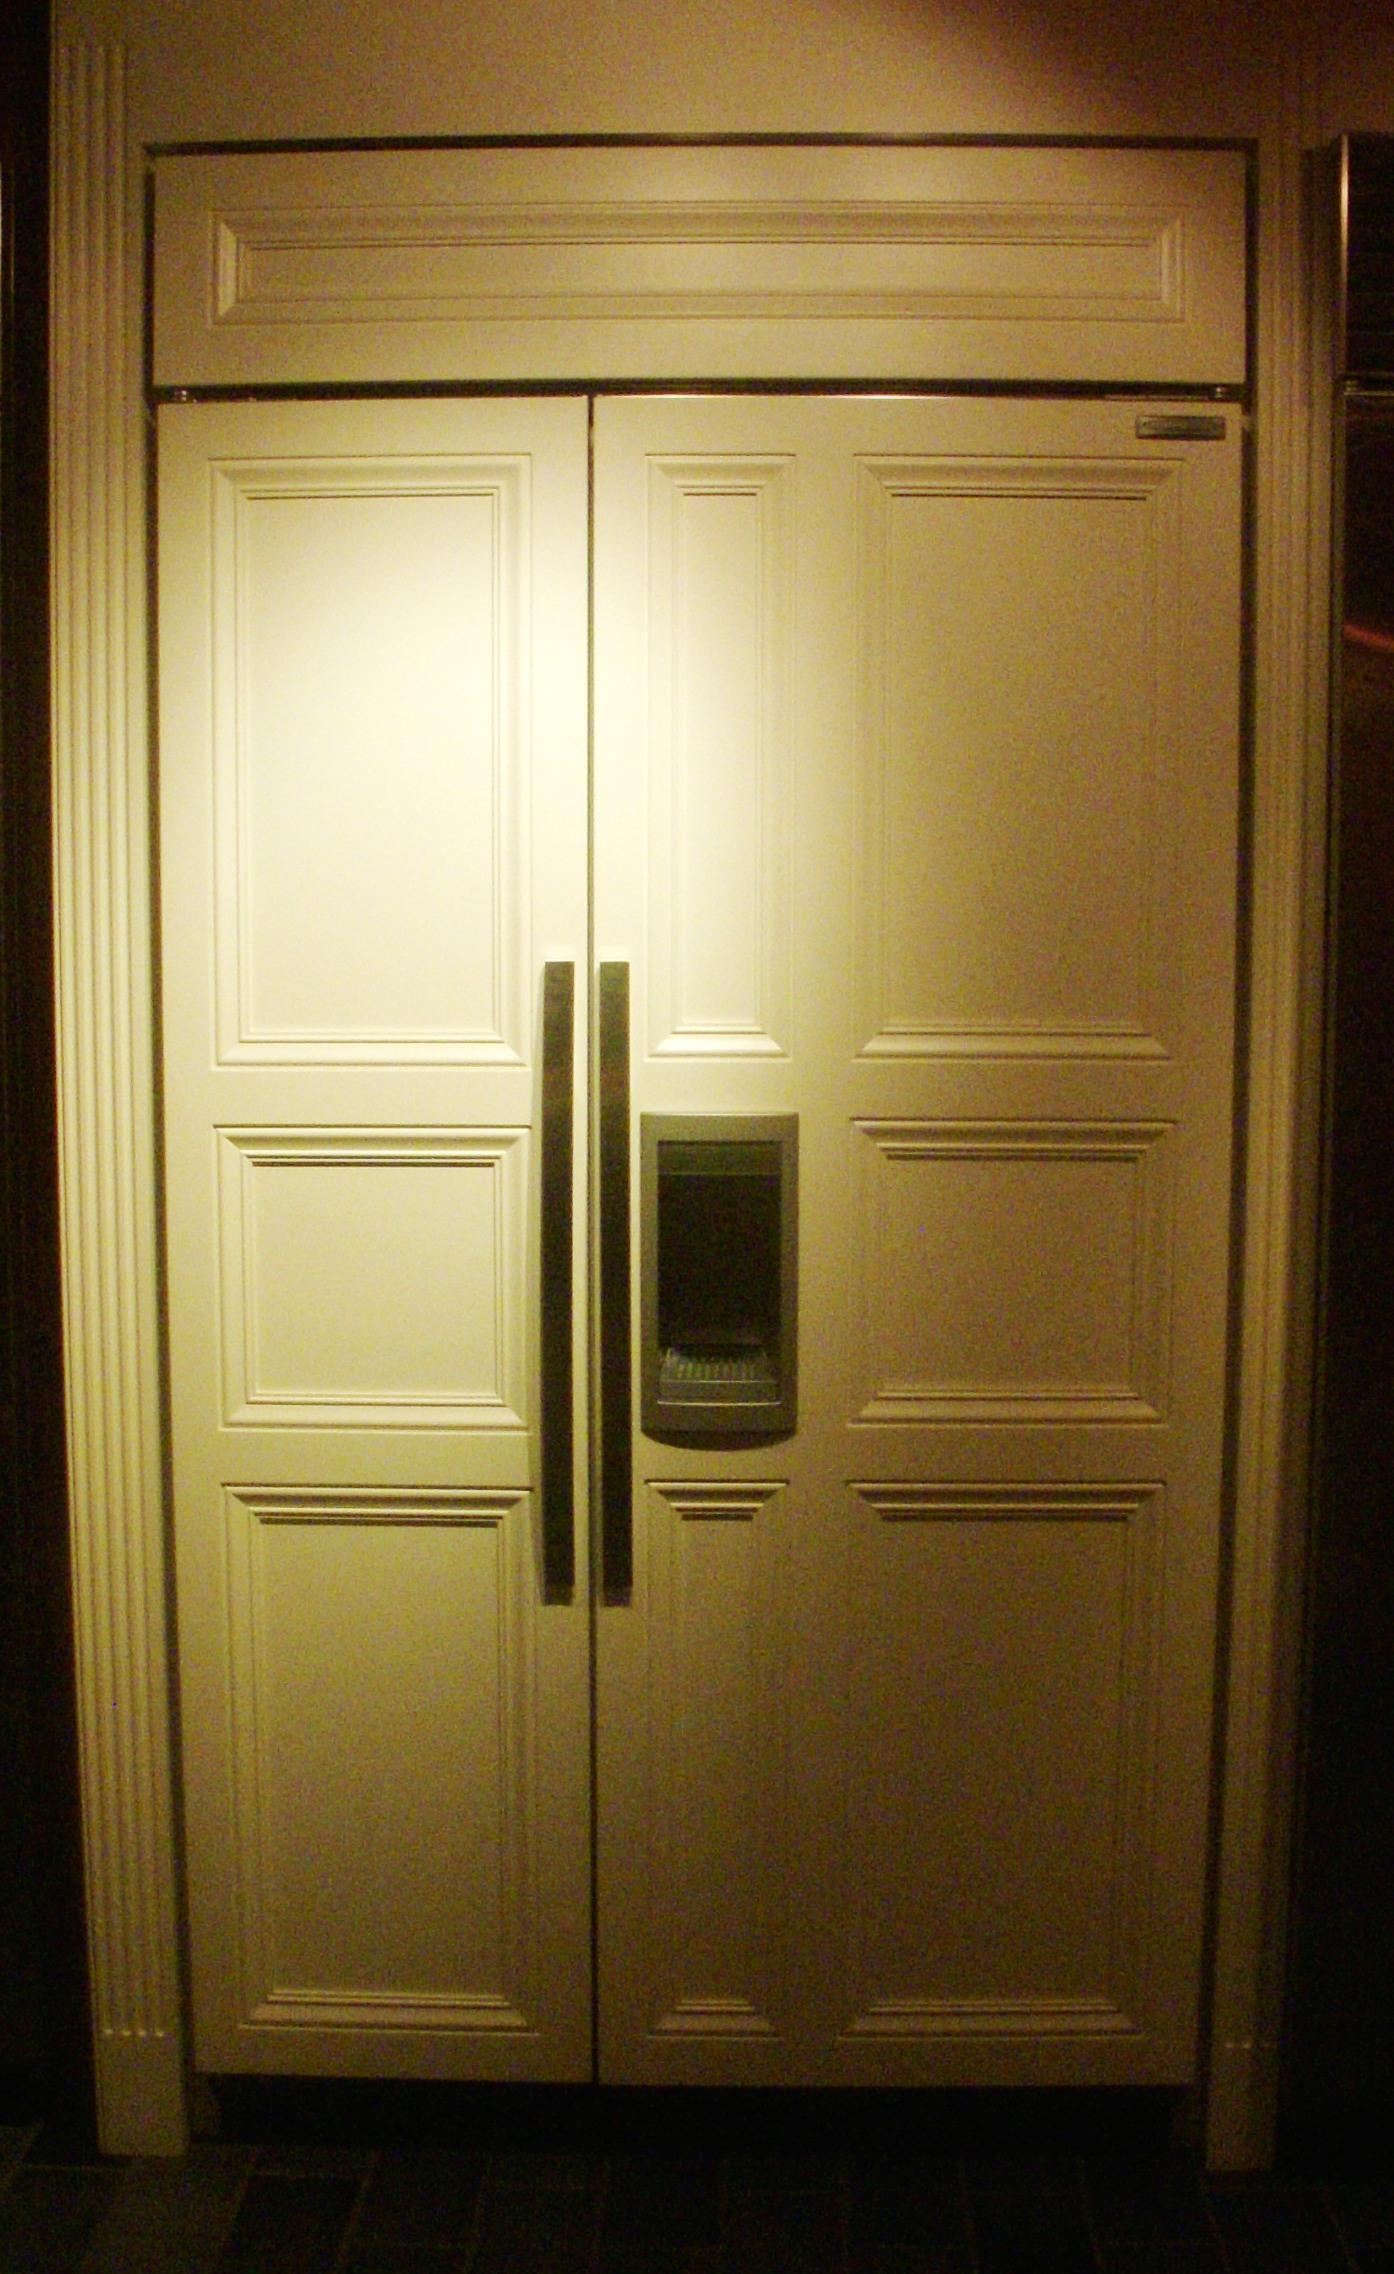 panelled refrigerator